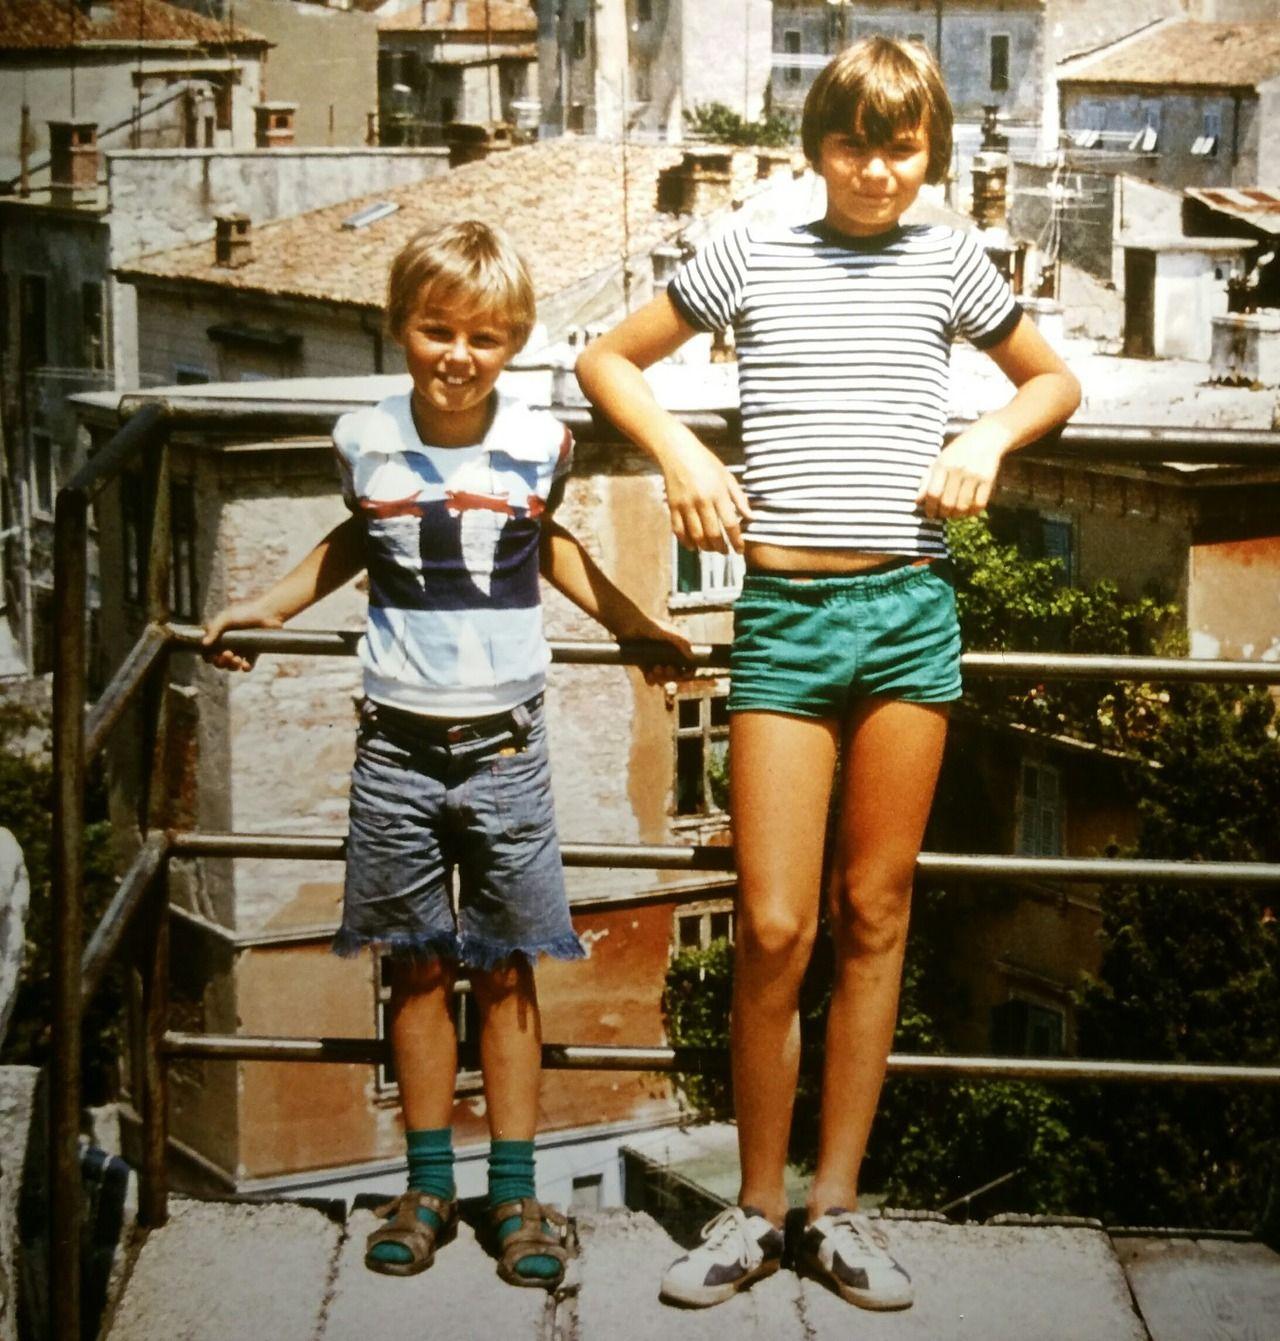 teen boys in shorts shorts